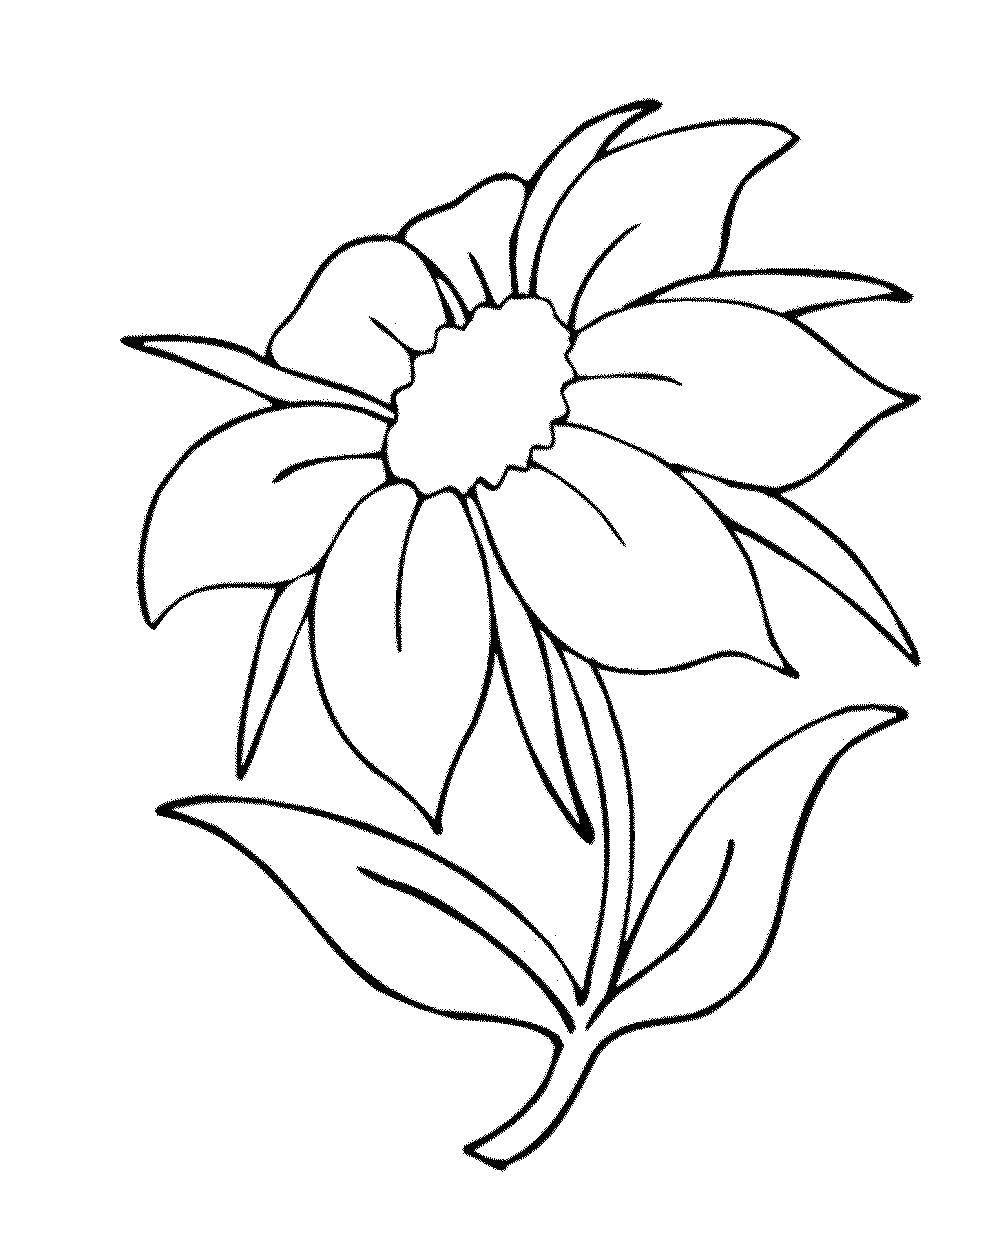 всякие картинки раскраски цветы крупные шаблоны тот